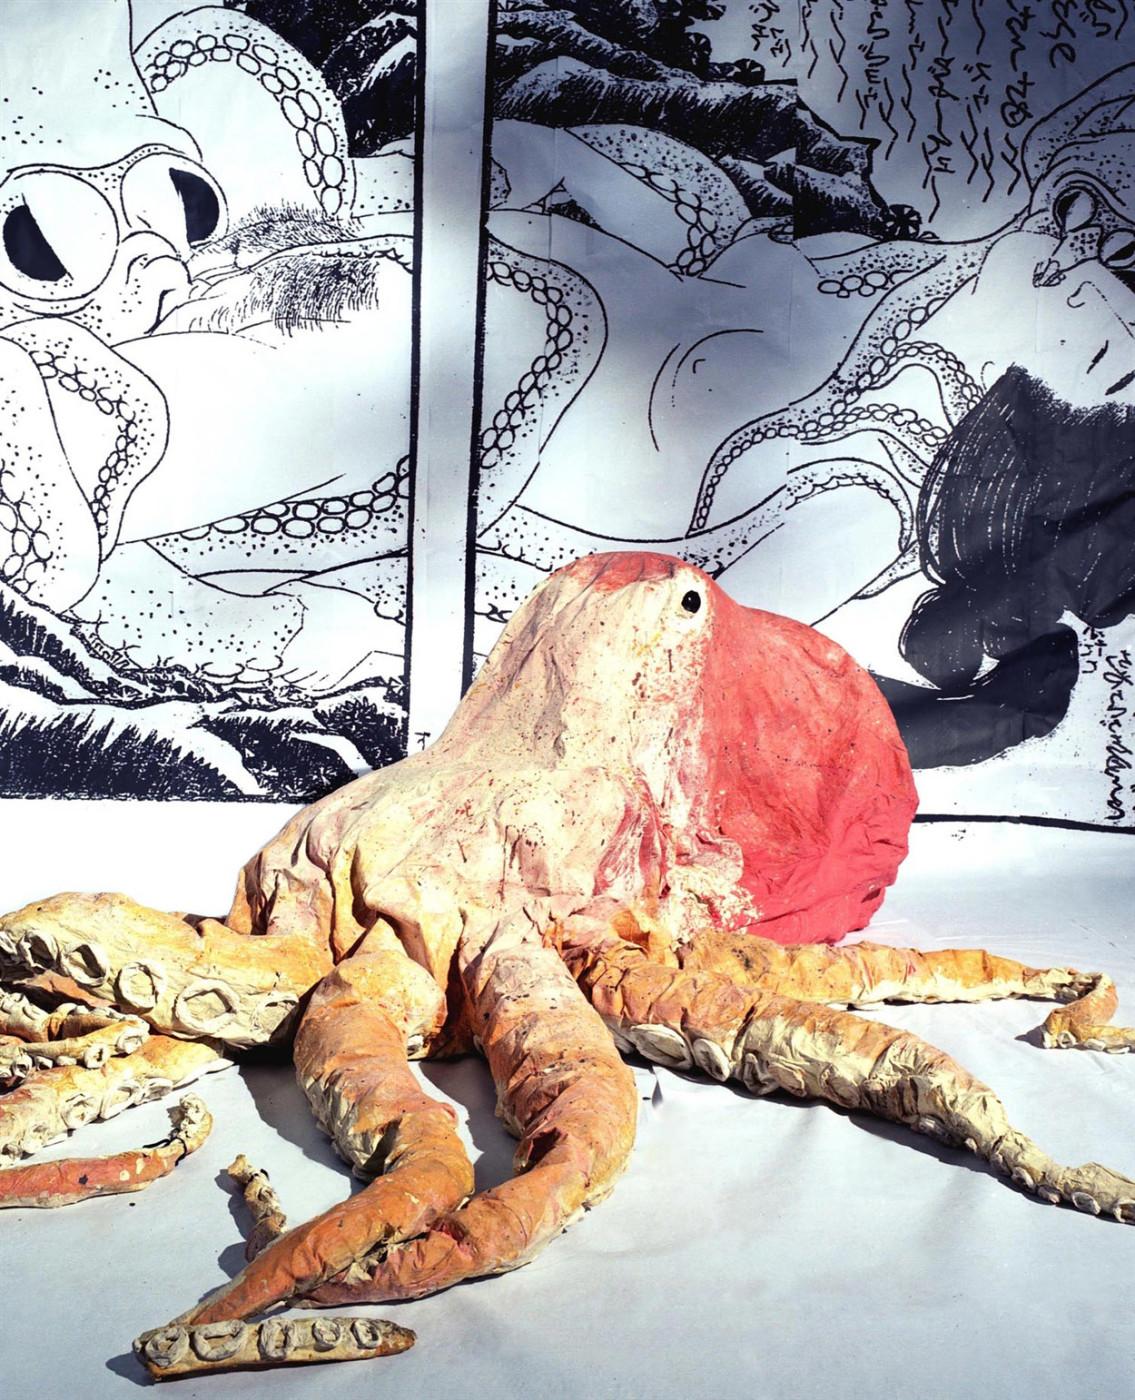 """<div class=""""artwork_caption""""><div class=""""title""""><em>Hokusai's Octapai</em>, 2004</div><div class=""""medium"""">latex, paint, cardboard, newspaper</div><div class=""""dimensions"""">100.0 x 200.0 x 150.0 cm<br />39 3/8 x 78 3/4 x 59 in.</div></div>"""